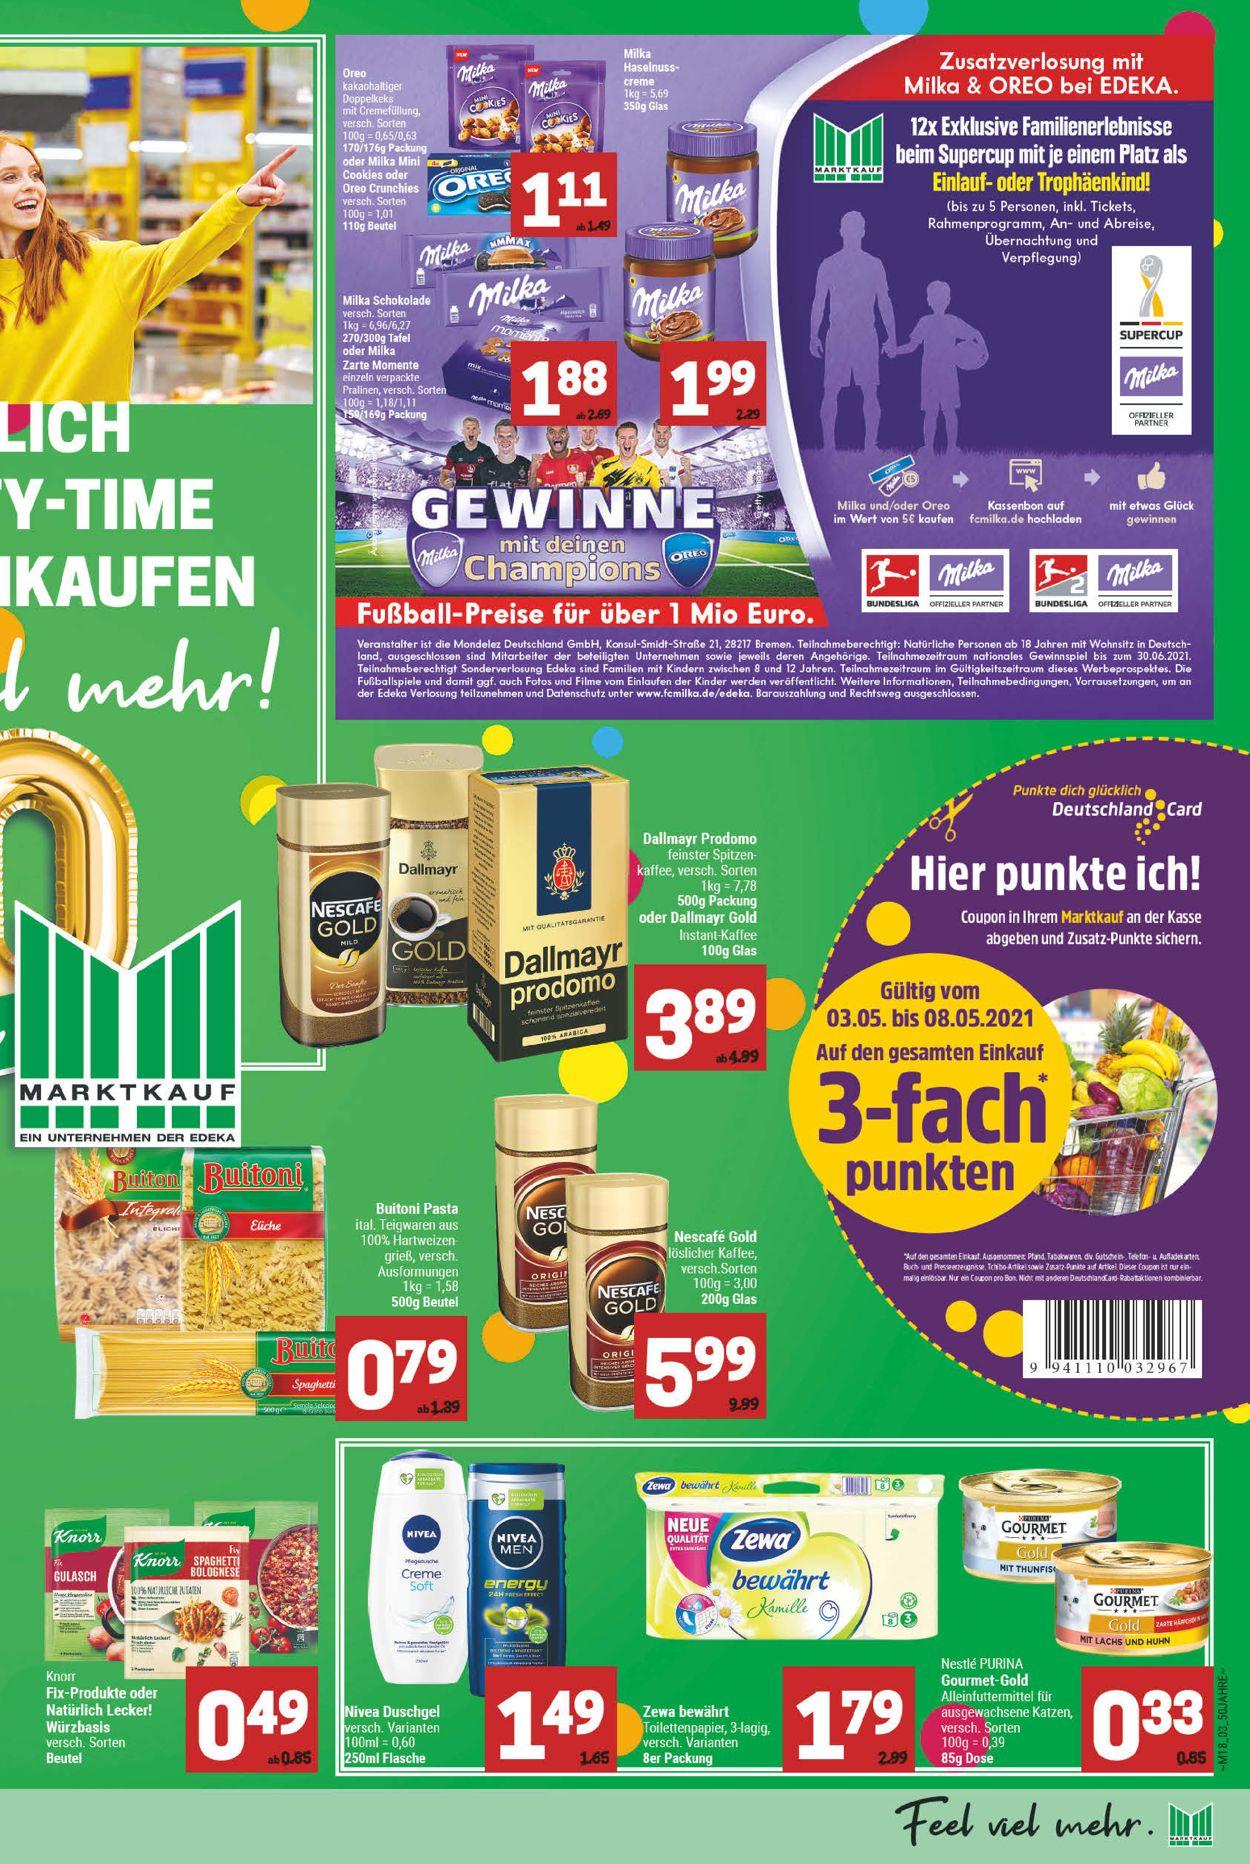 Marktkauf Prospekt - Aktuell vom 03.05-08.05.2021 (Seite 3)